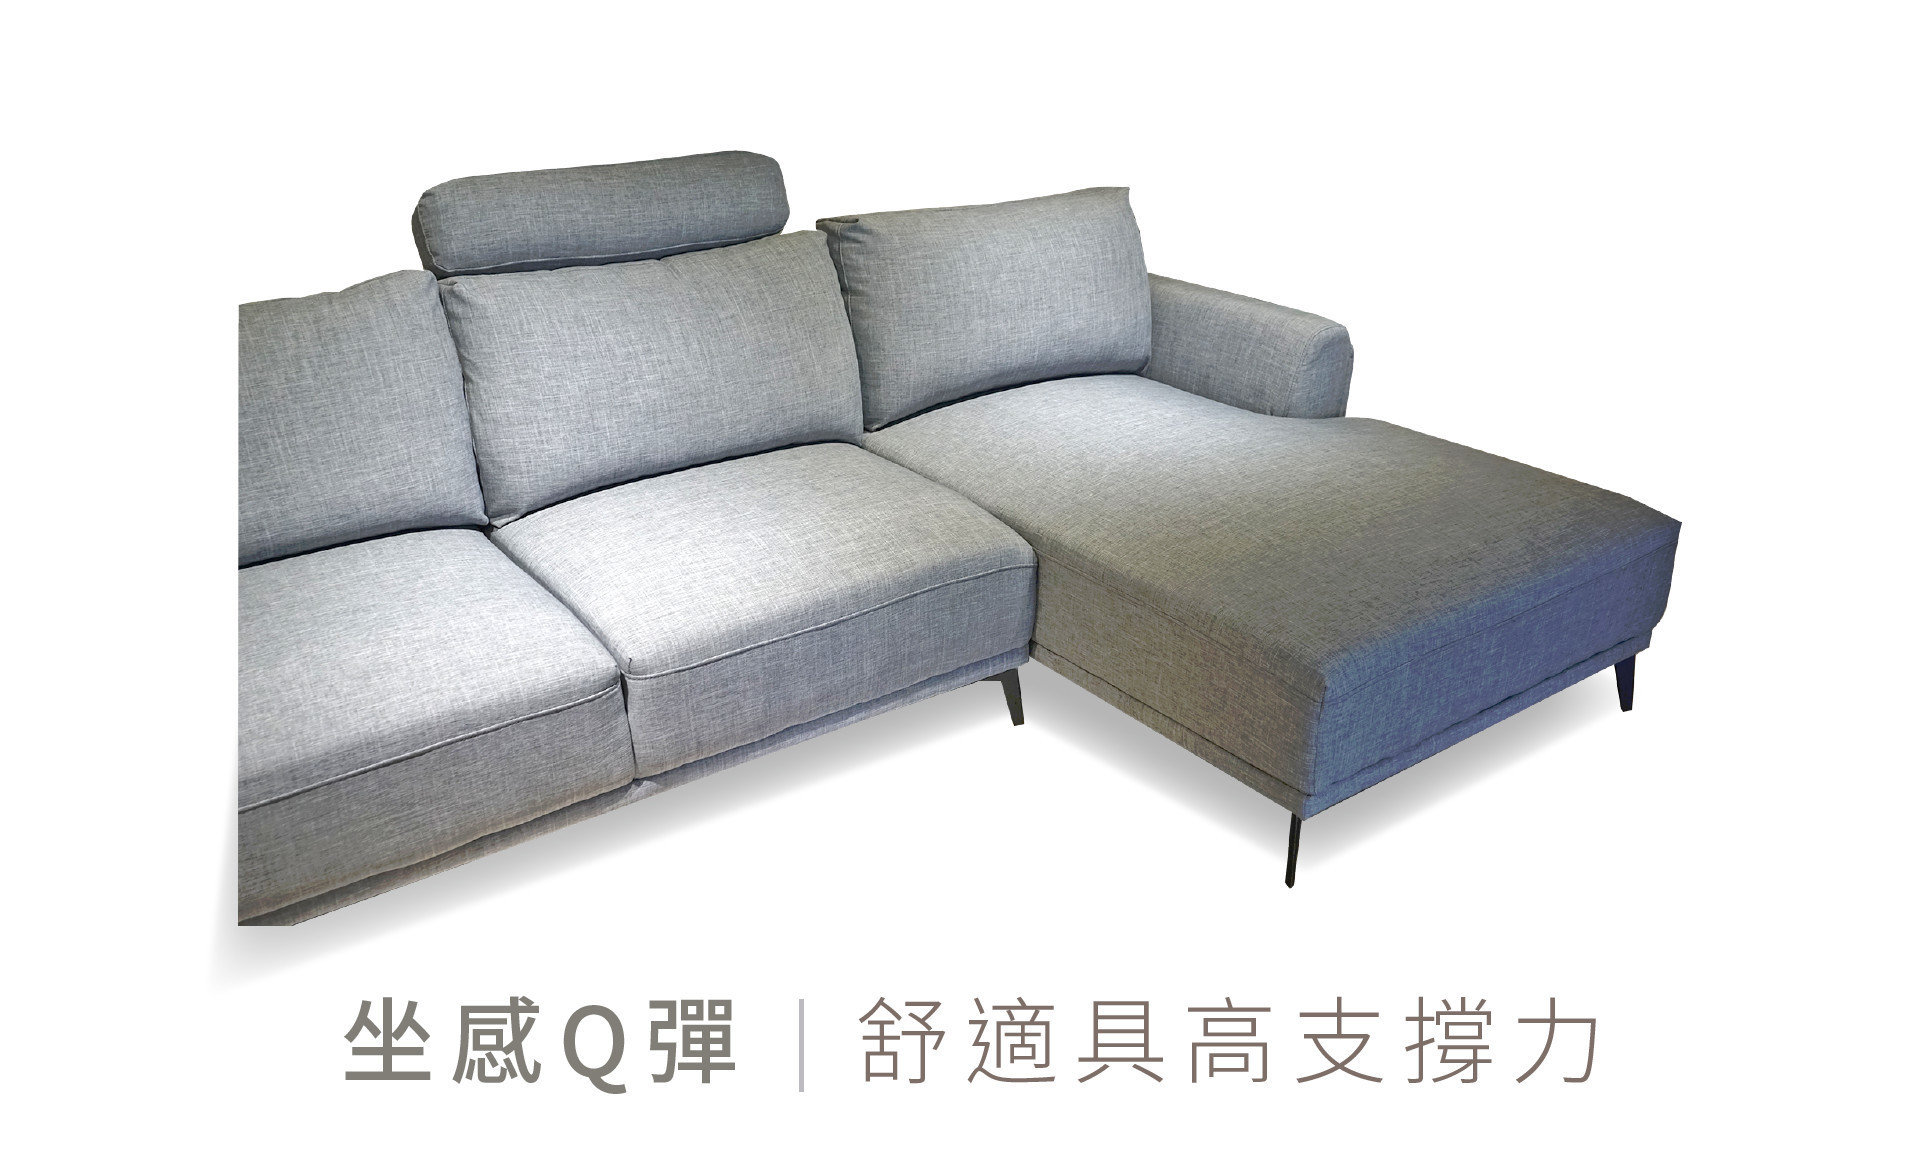 【丹尼爾沙發】坐墊具有高支撐性,久坐也不易酸痛!